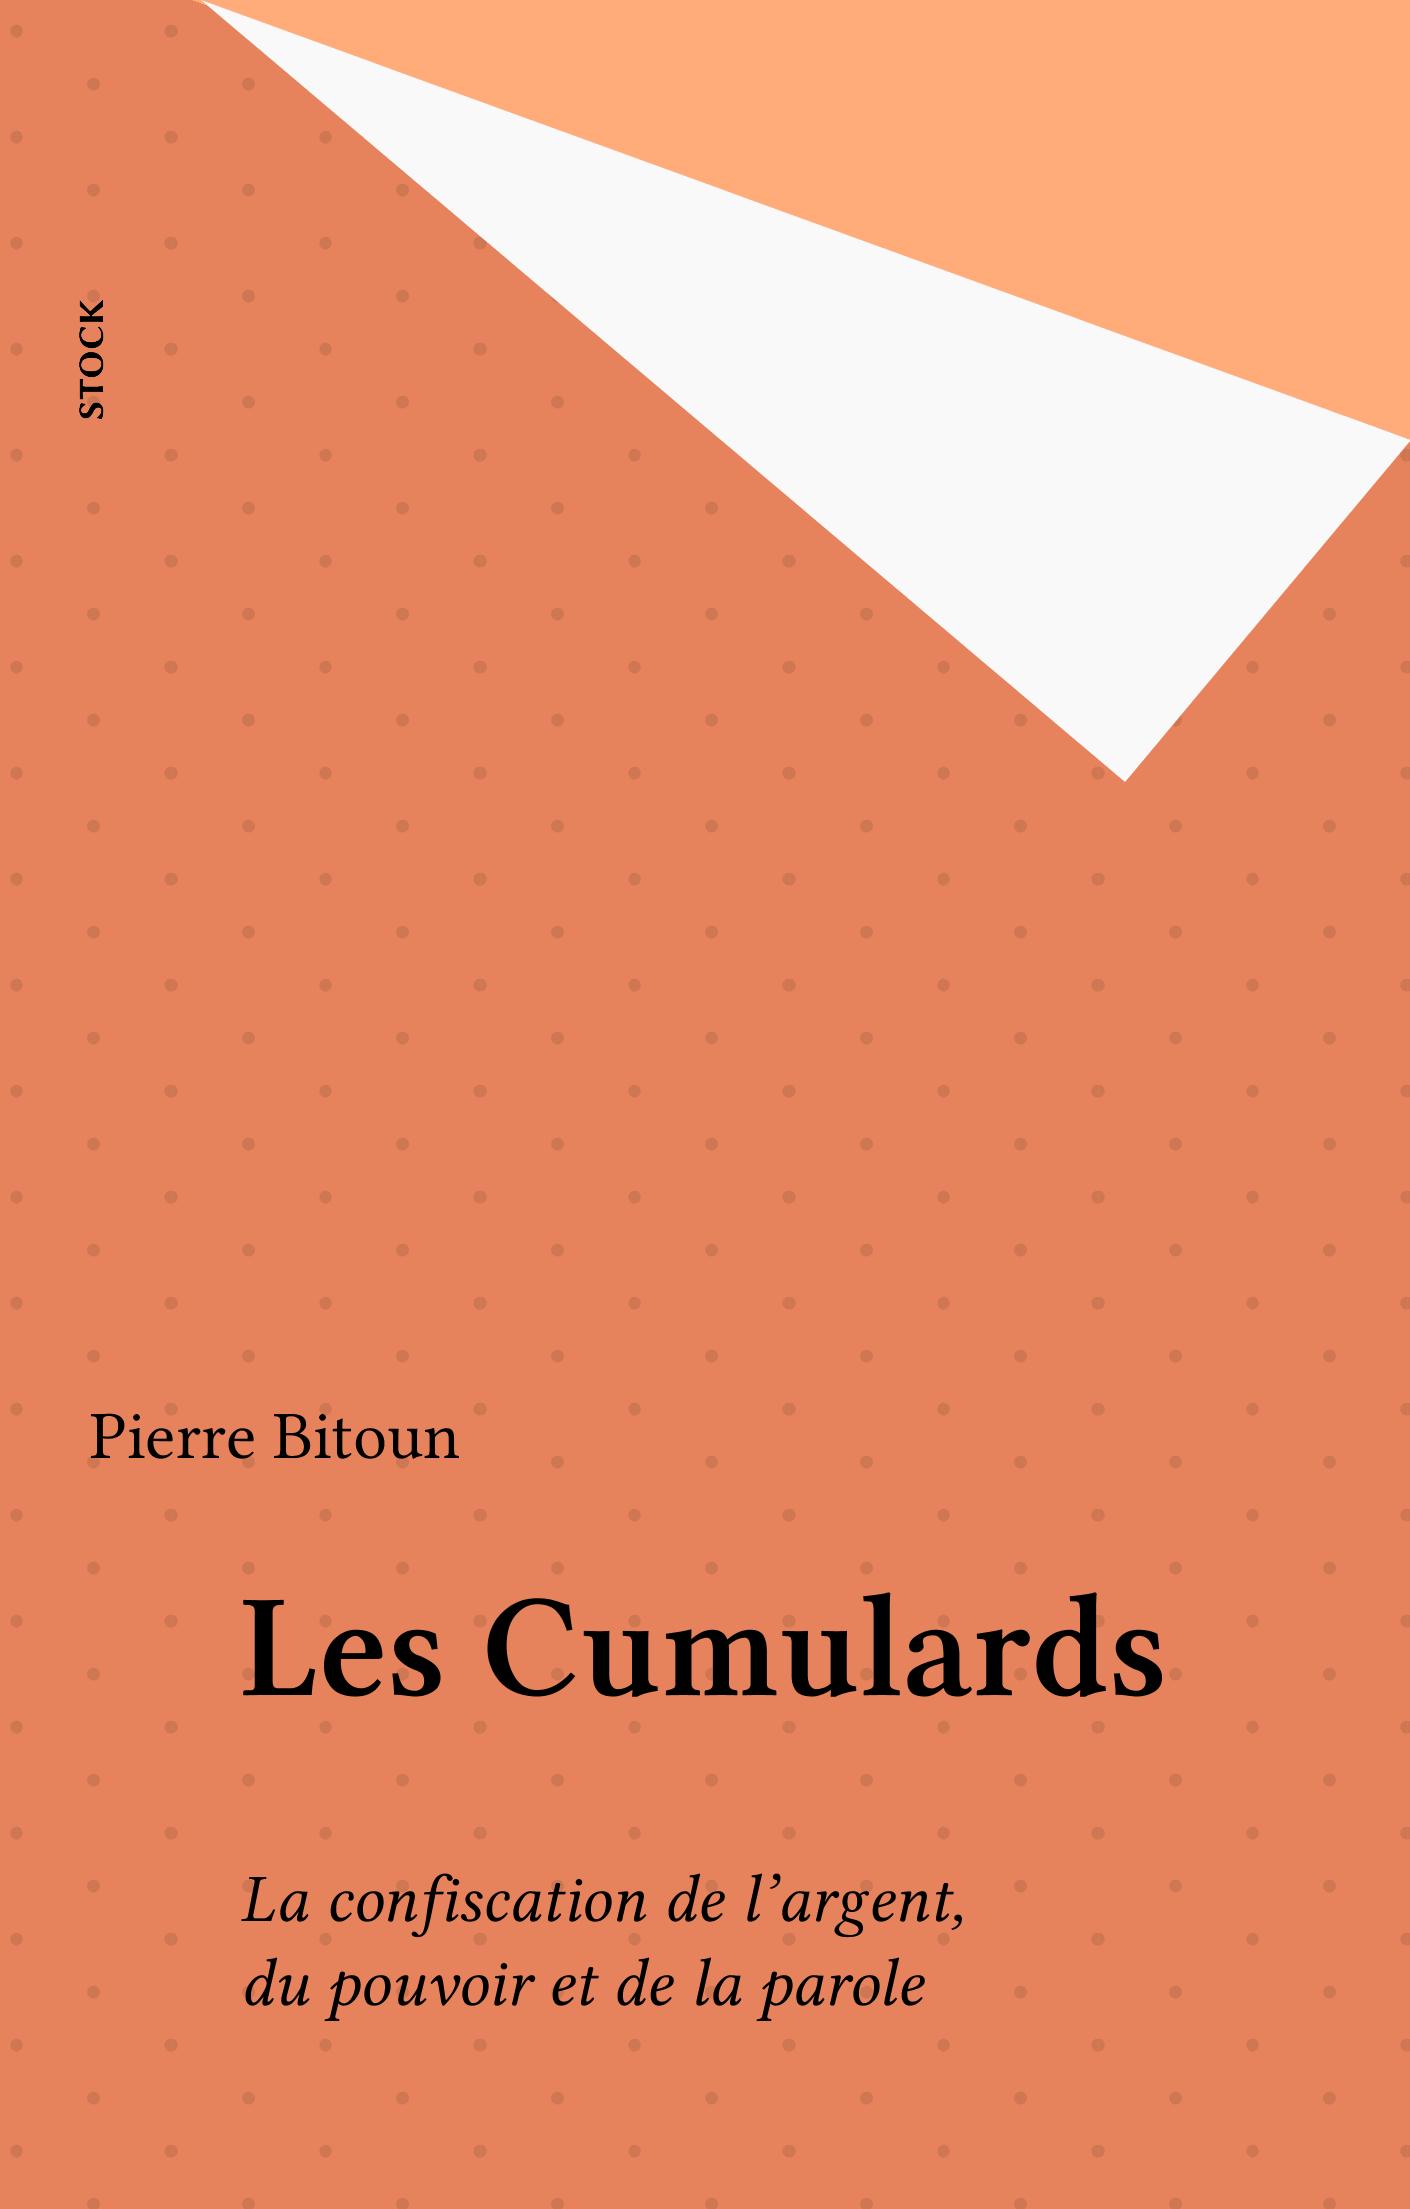 Les Cumulards, LA CONFISCATION DE L'ARGENT, DU POUVOIR ET DE LA PAROLE